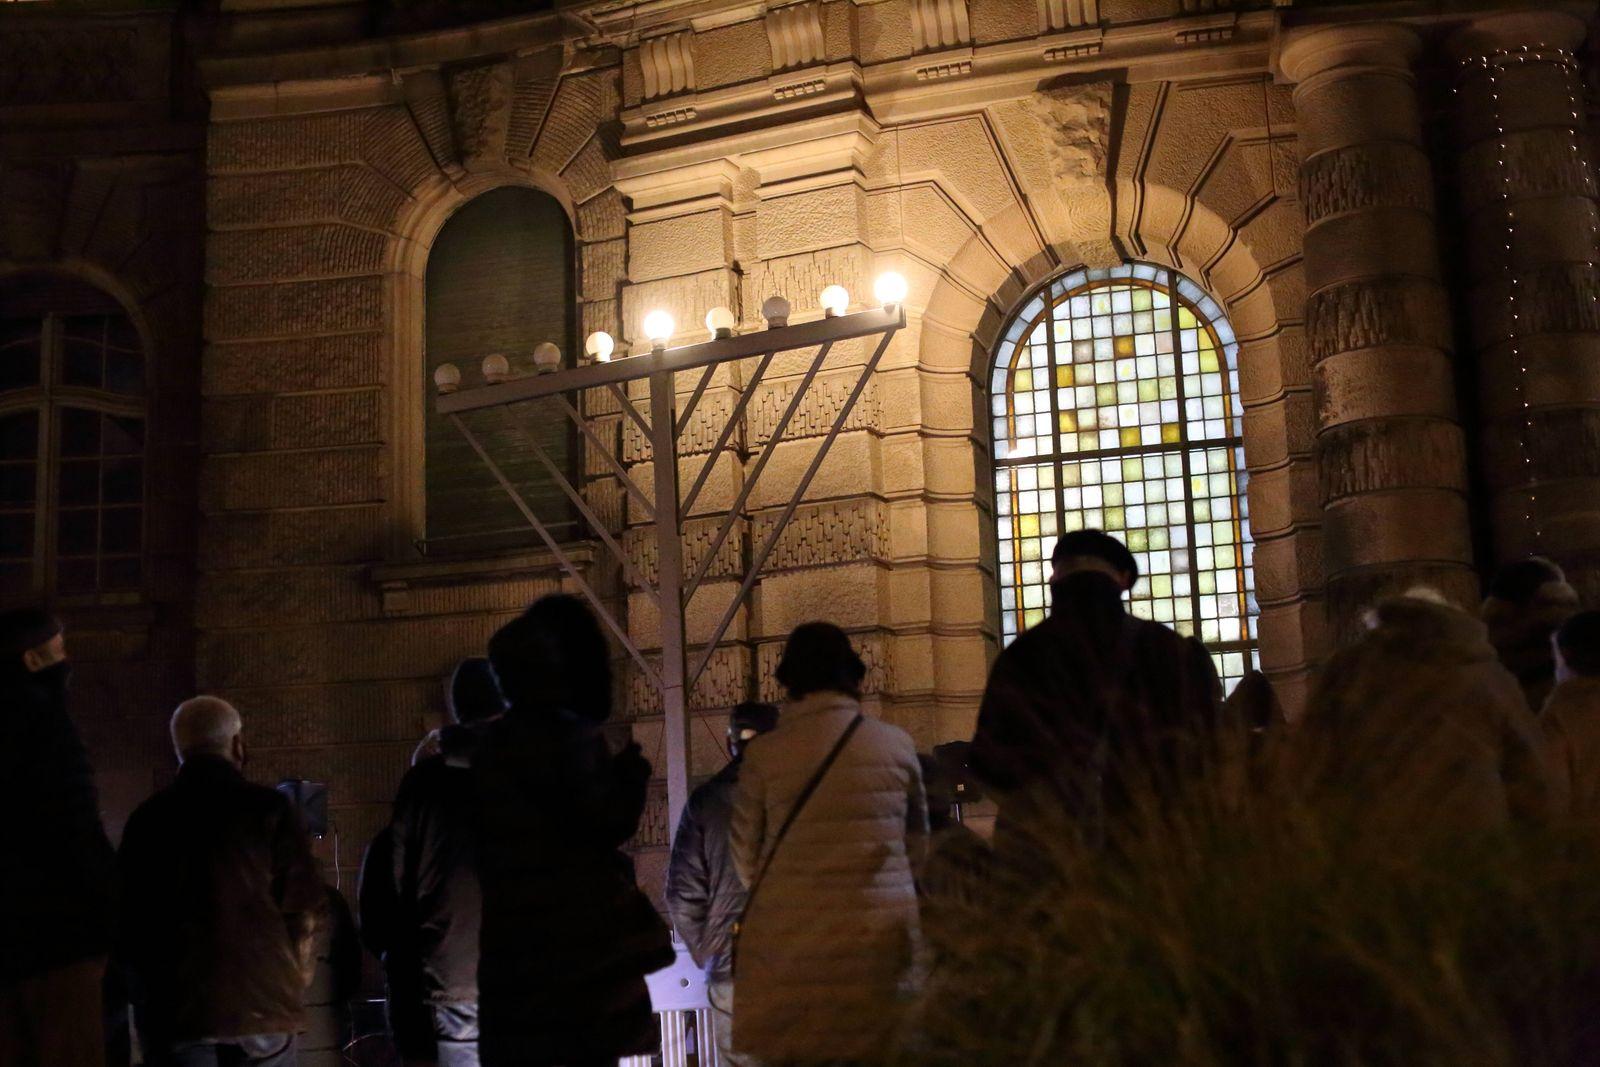 Entzündung des ersten Lichts am Chanukka-Leuchter vor dem Rathaus in Potsdam, 10. Dezember 2020. Jüdisches Lichterfest